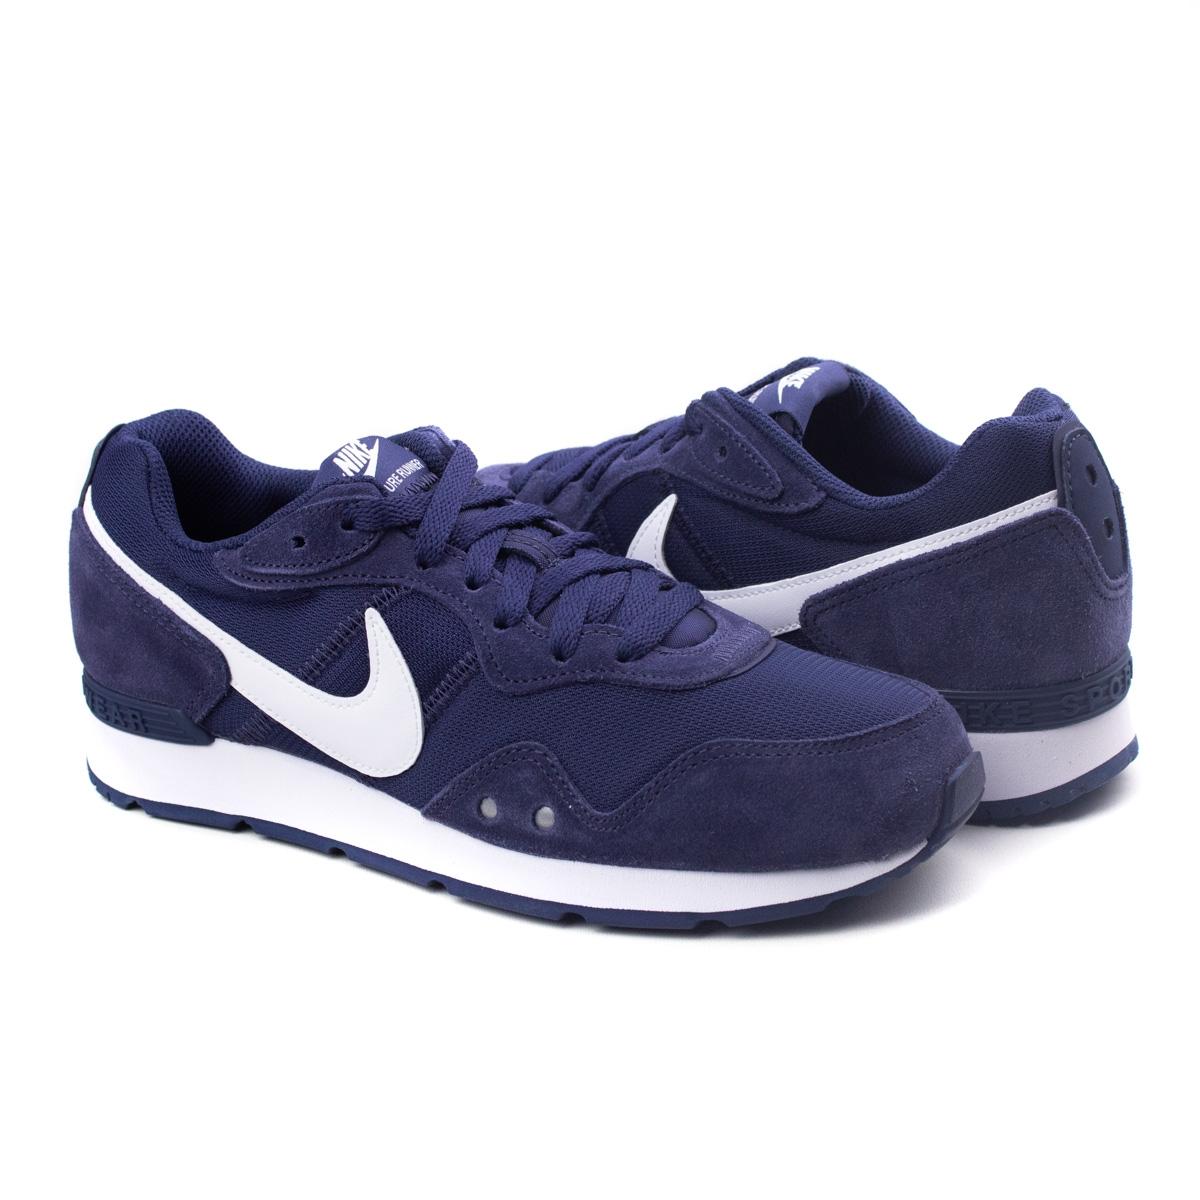 Tênis Venture Runner Masculino Nike - Midnight navy/white